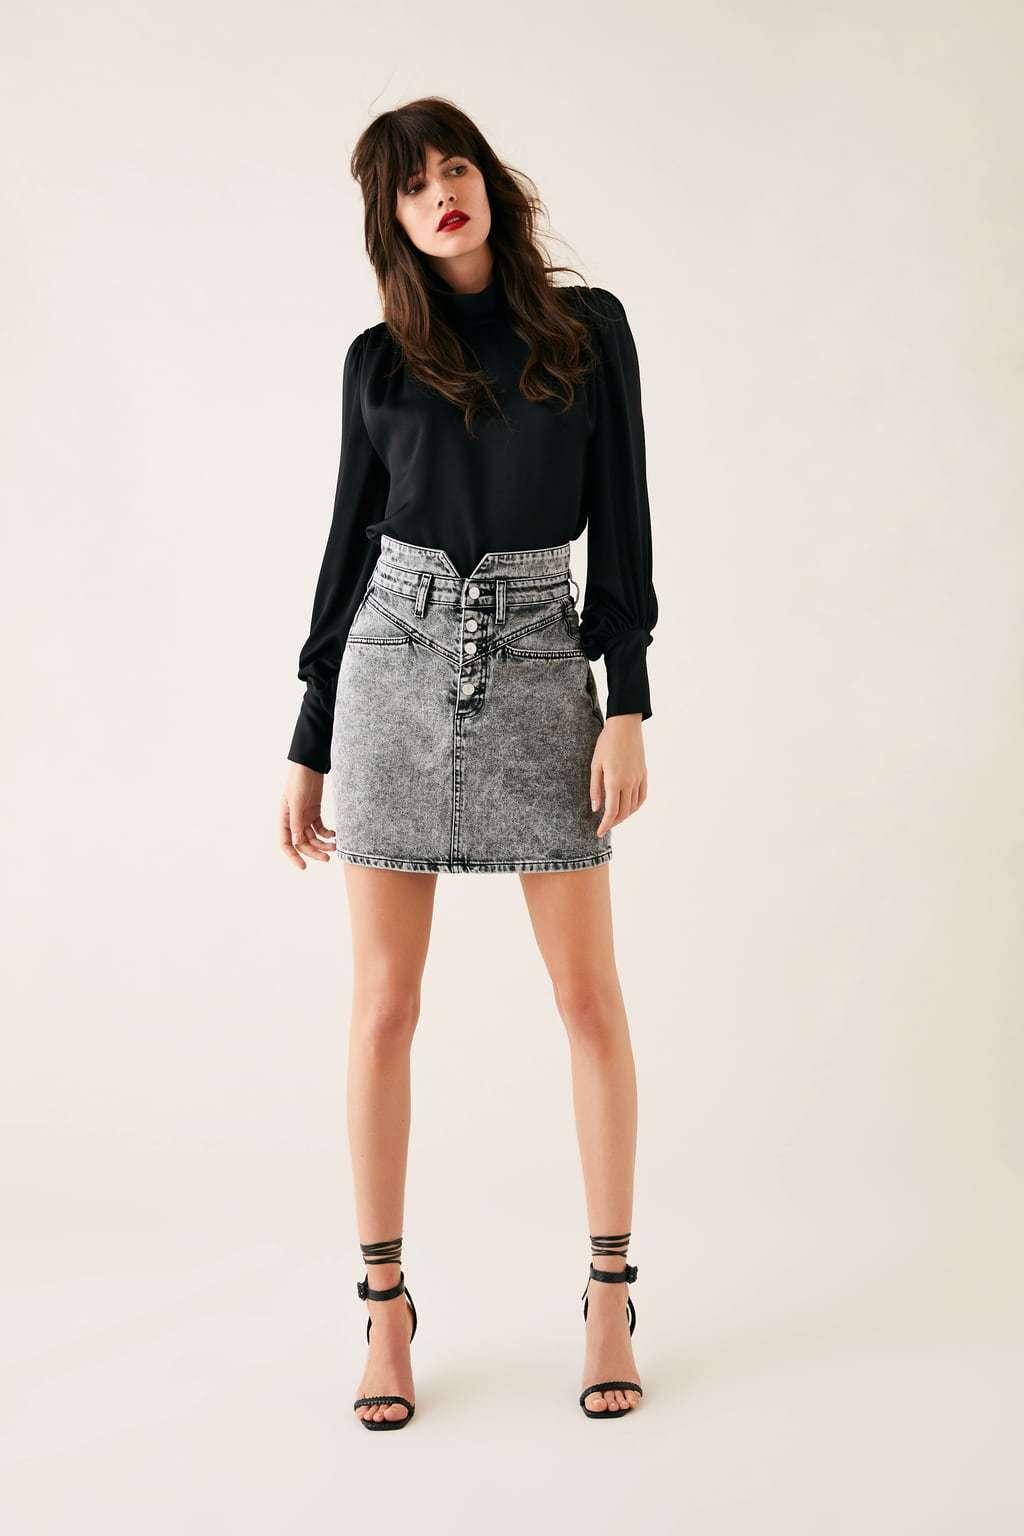 la falda mini que nos propone Zara.